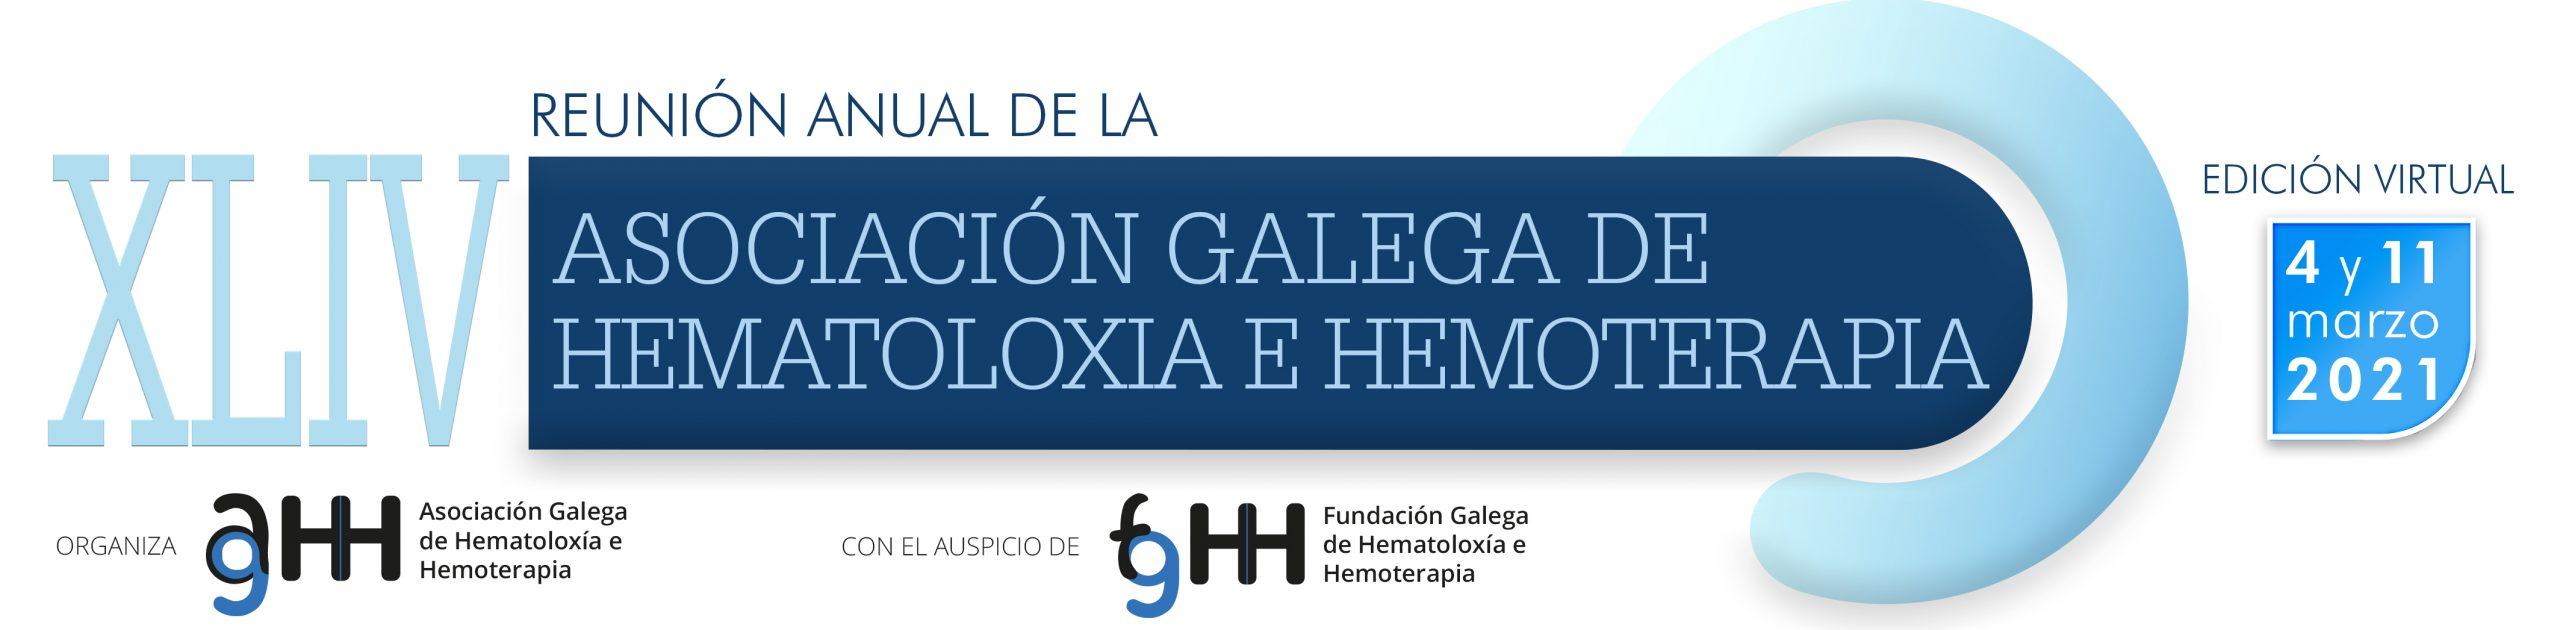 XLIV Reunión de la Asociación Galega de Hematoloxía e Hemoterapia